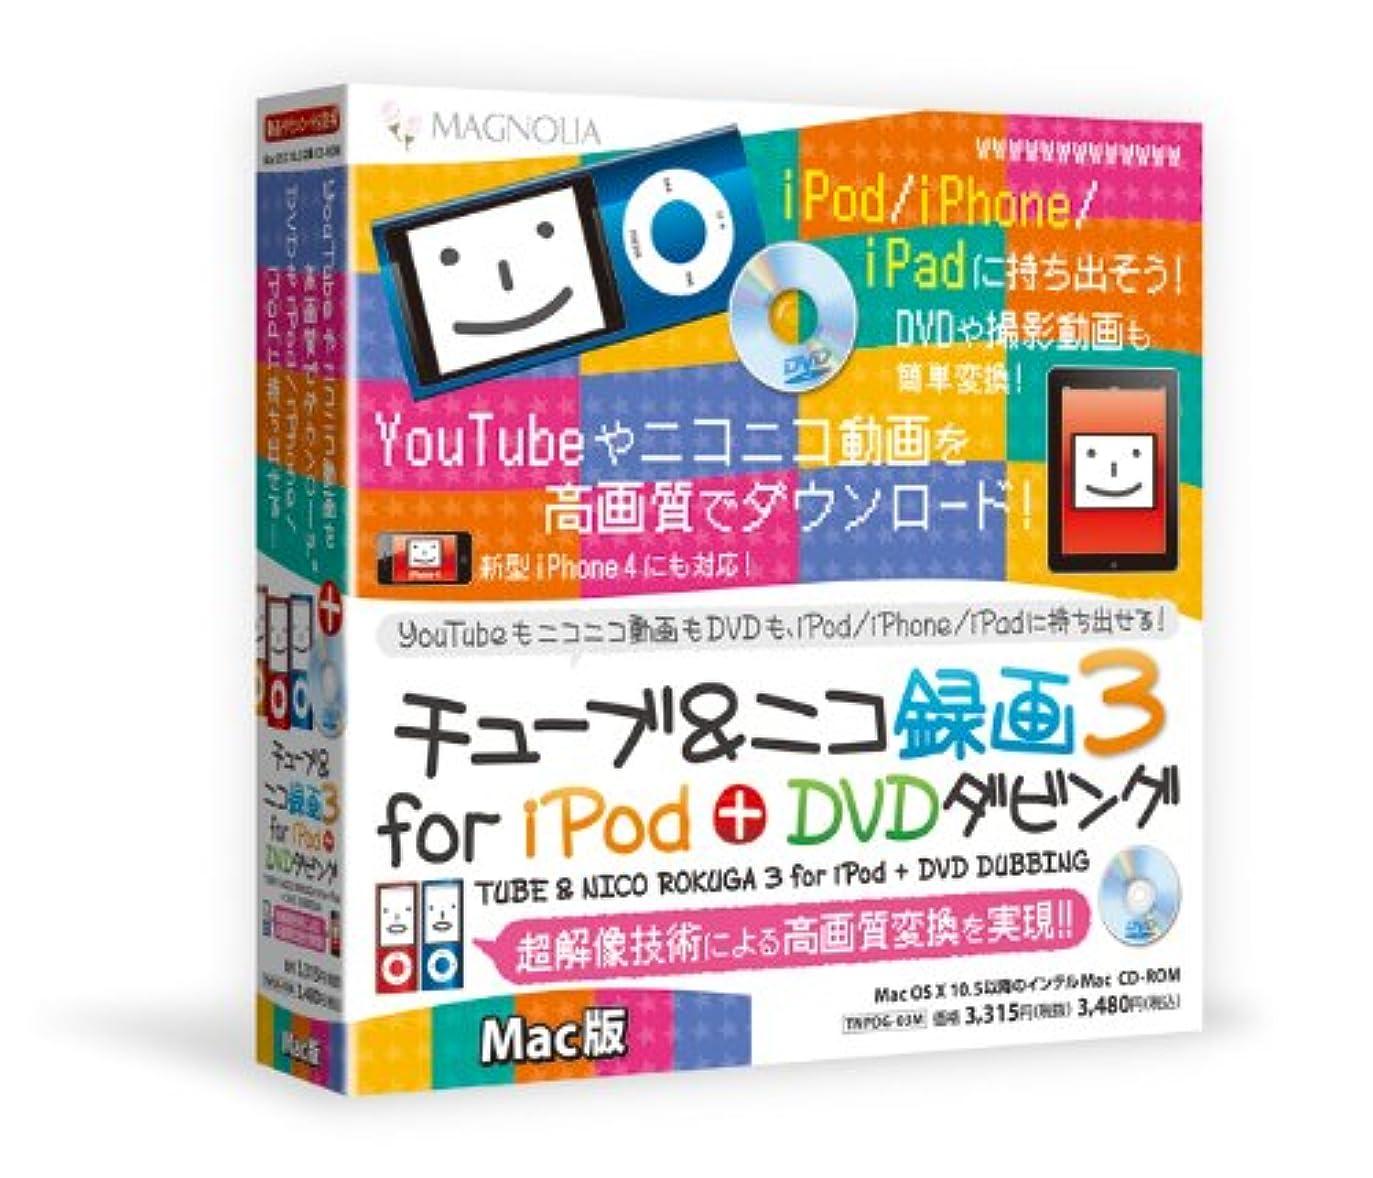 許容できる構成員ピカリングマグノリア チューブ&ニコ録画3for iPod +DVDダビングMac